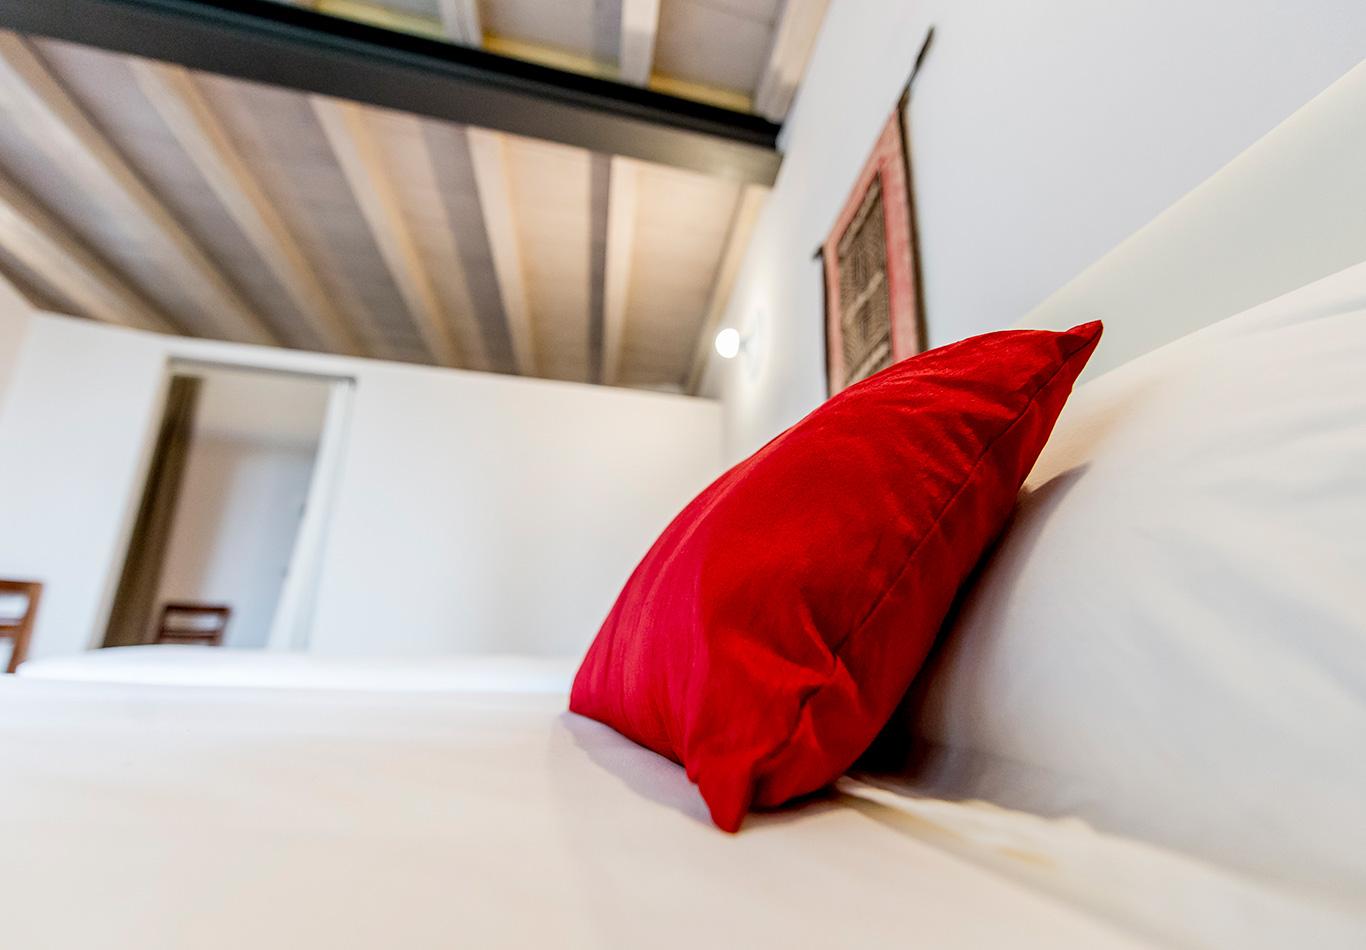 canonica-appartamento-cuscino-rosso